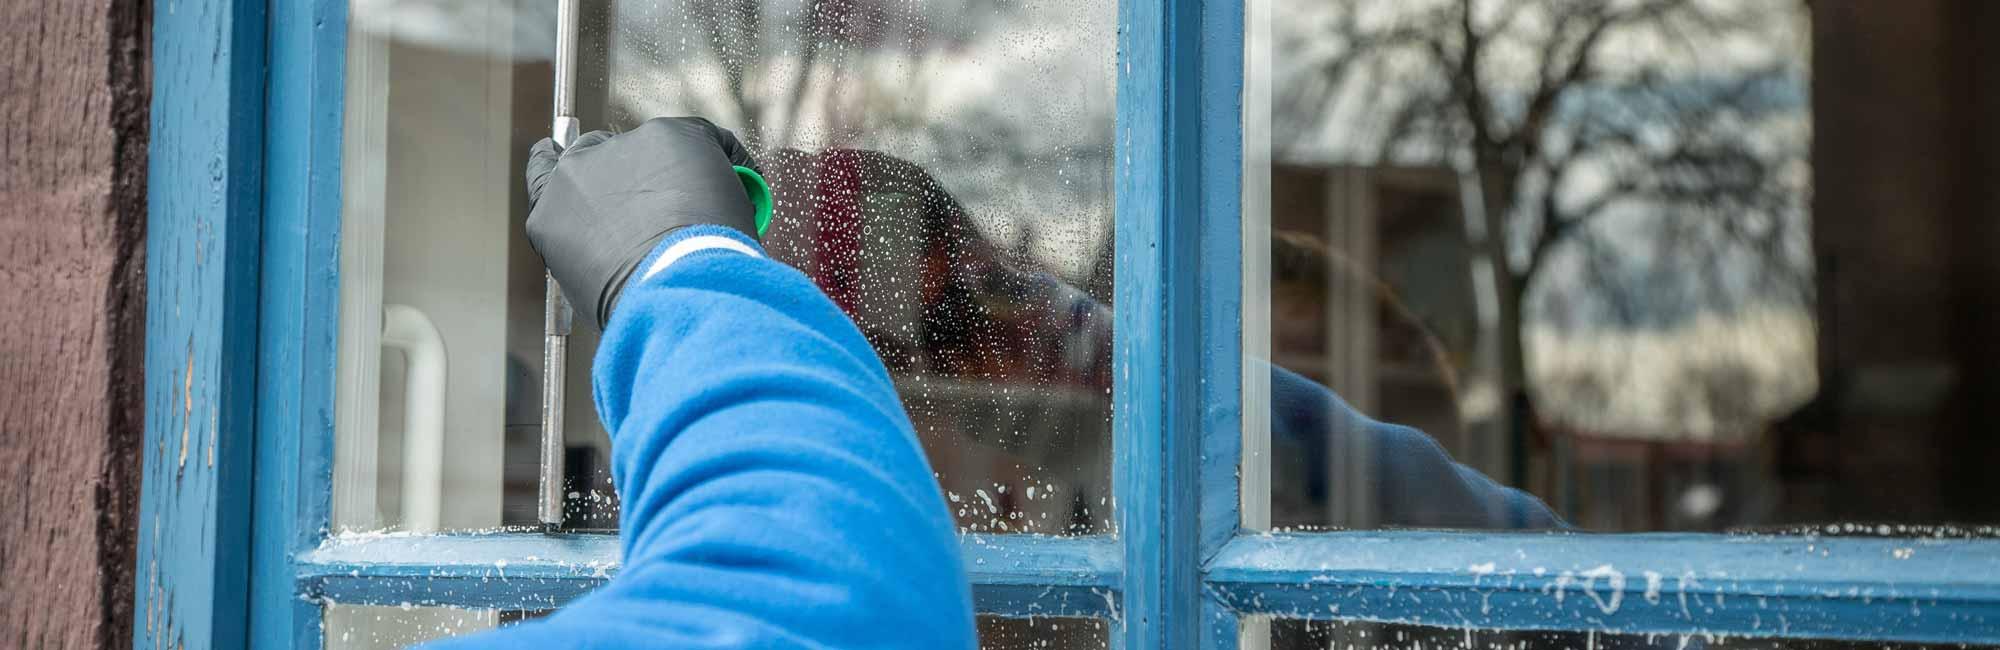 Streeploos wassen - Schoonmaak en glazenwasserij JH Heiligerlee